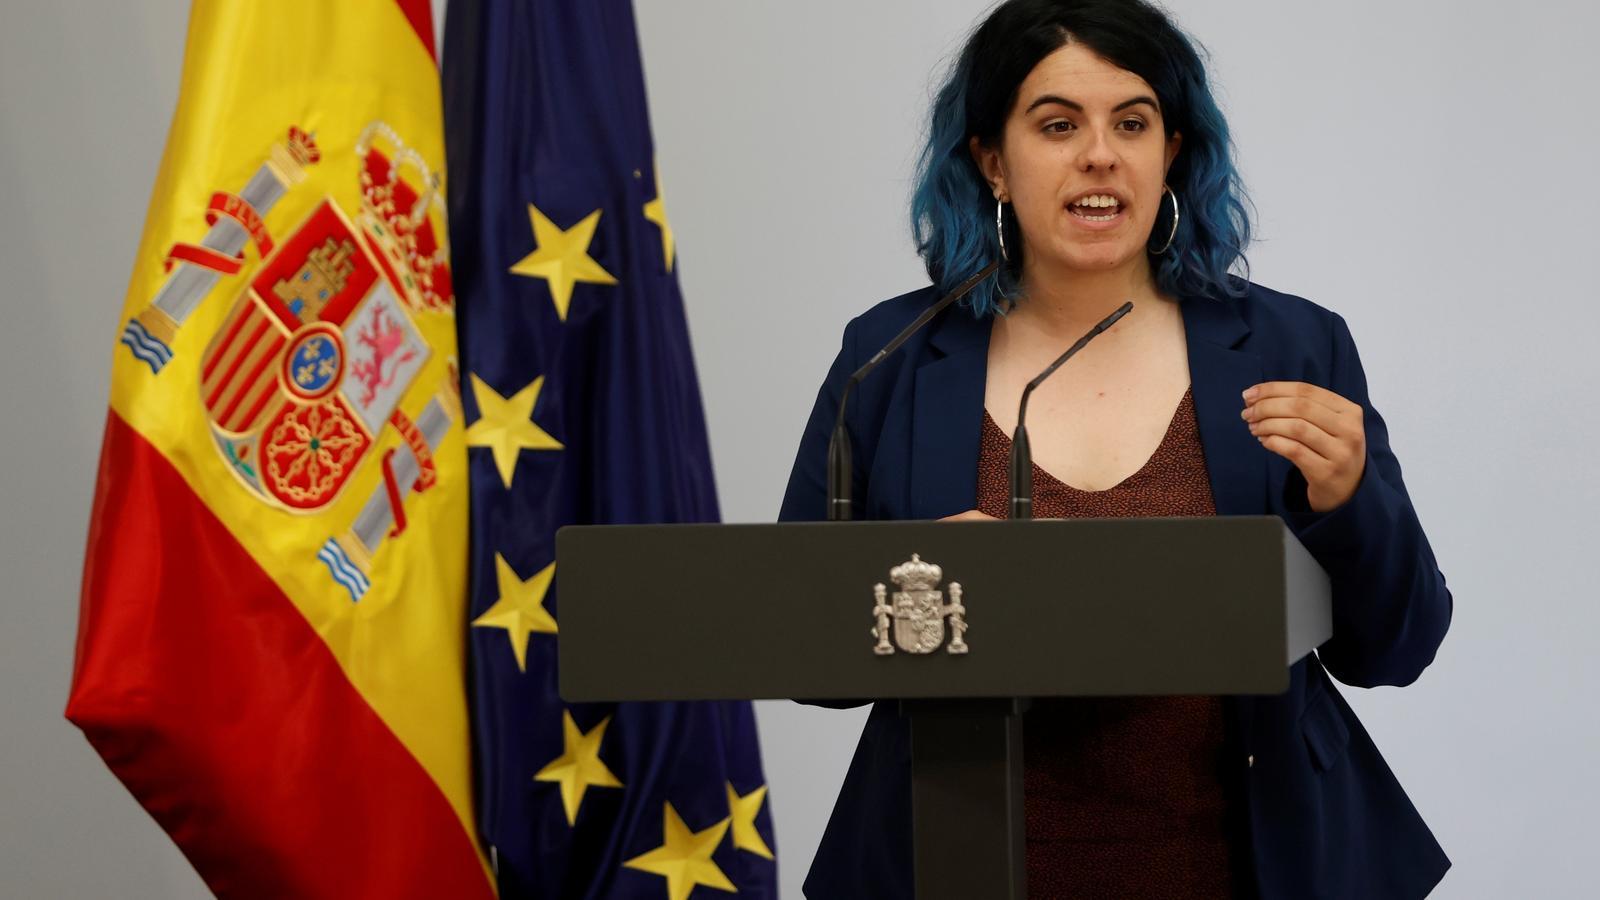 """Nerea Luis Mingueza, científica de la Universitat Carlos III, intervé durant l'acte de llançament del """"pla de xoc"""" del govern espanyol. Mingueza ha demanat que no s'aboqui els joves científics a marxar a l'estranger."""